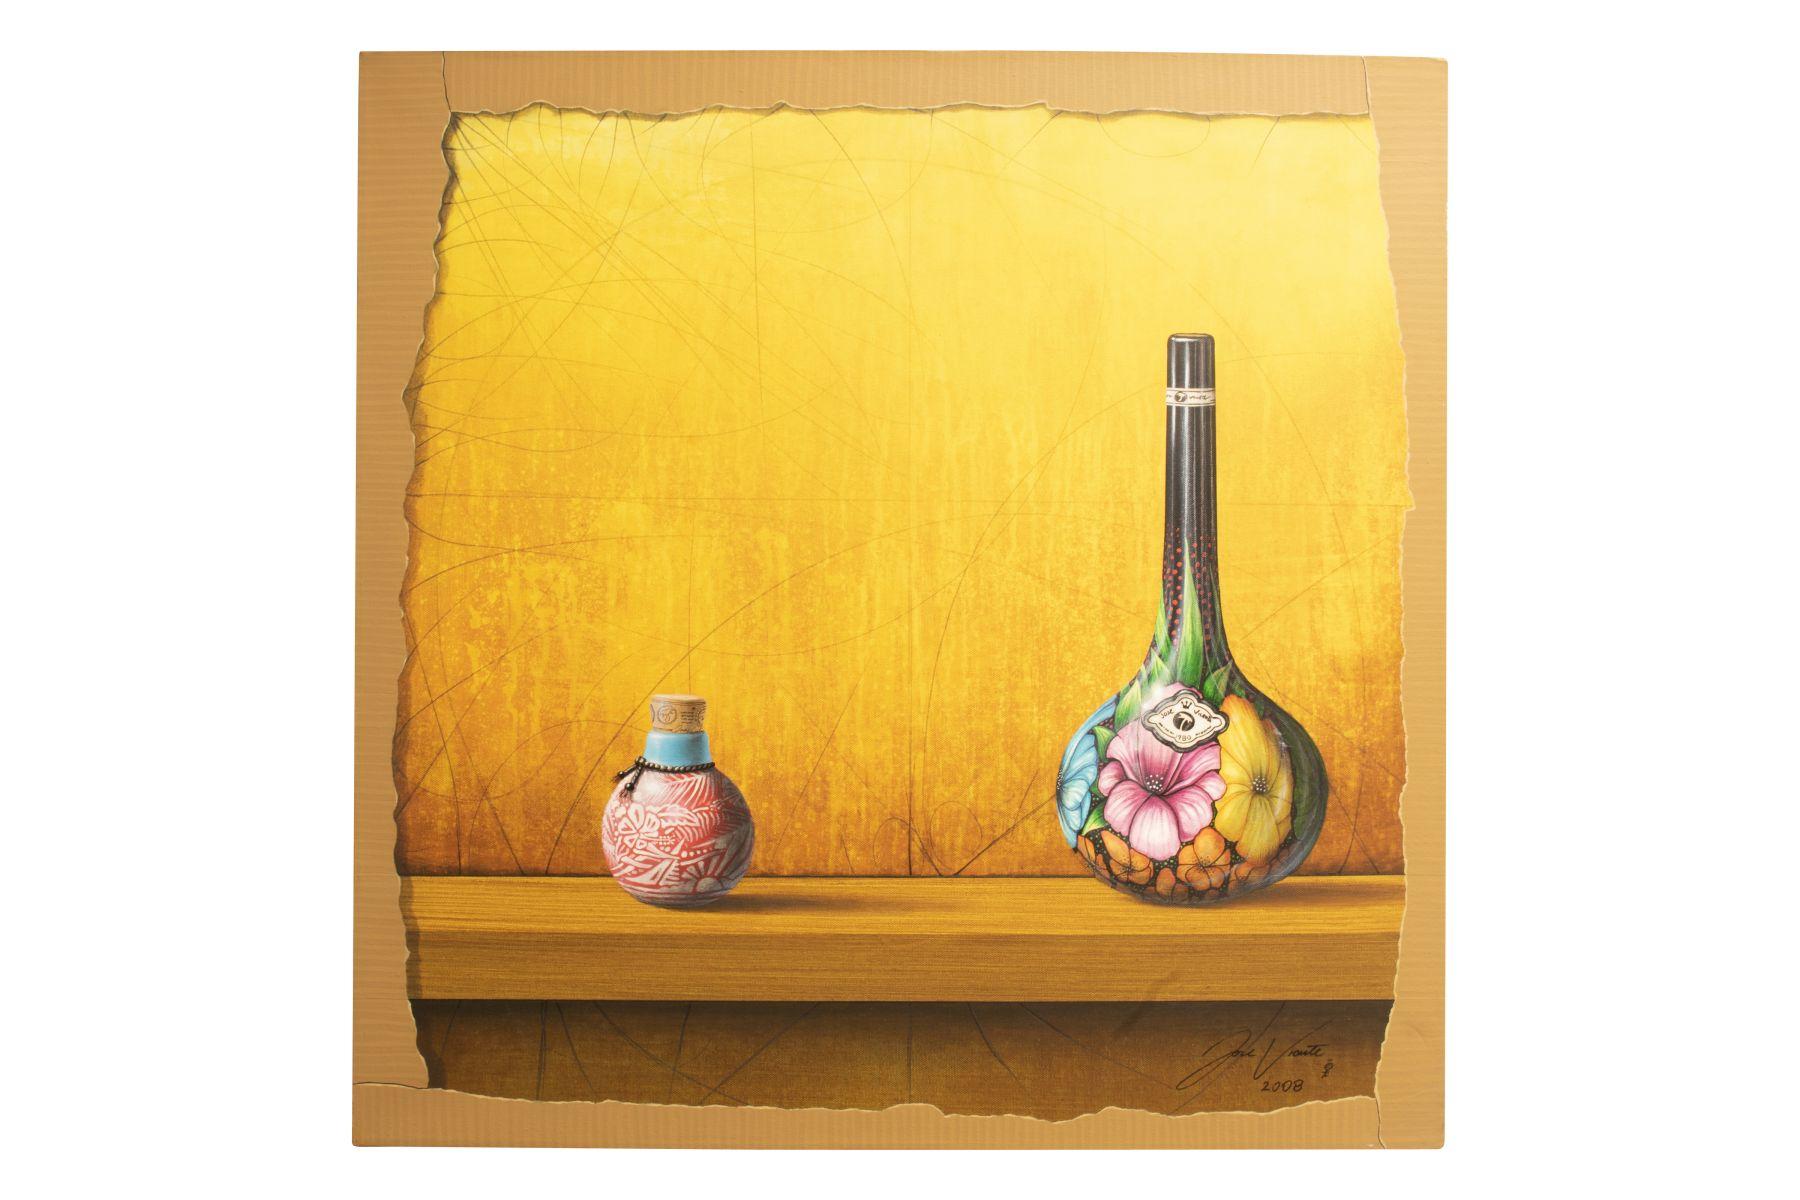 """#33 Jose Vicente (1977) """"Painted wine bottle and small jar against colored background""""   Jose Vicente (1977)""""Bemalte Weinflasche und kleines Gefäß vor farbigem Hintergrund"""" Image"""